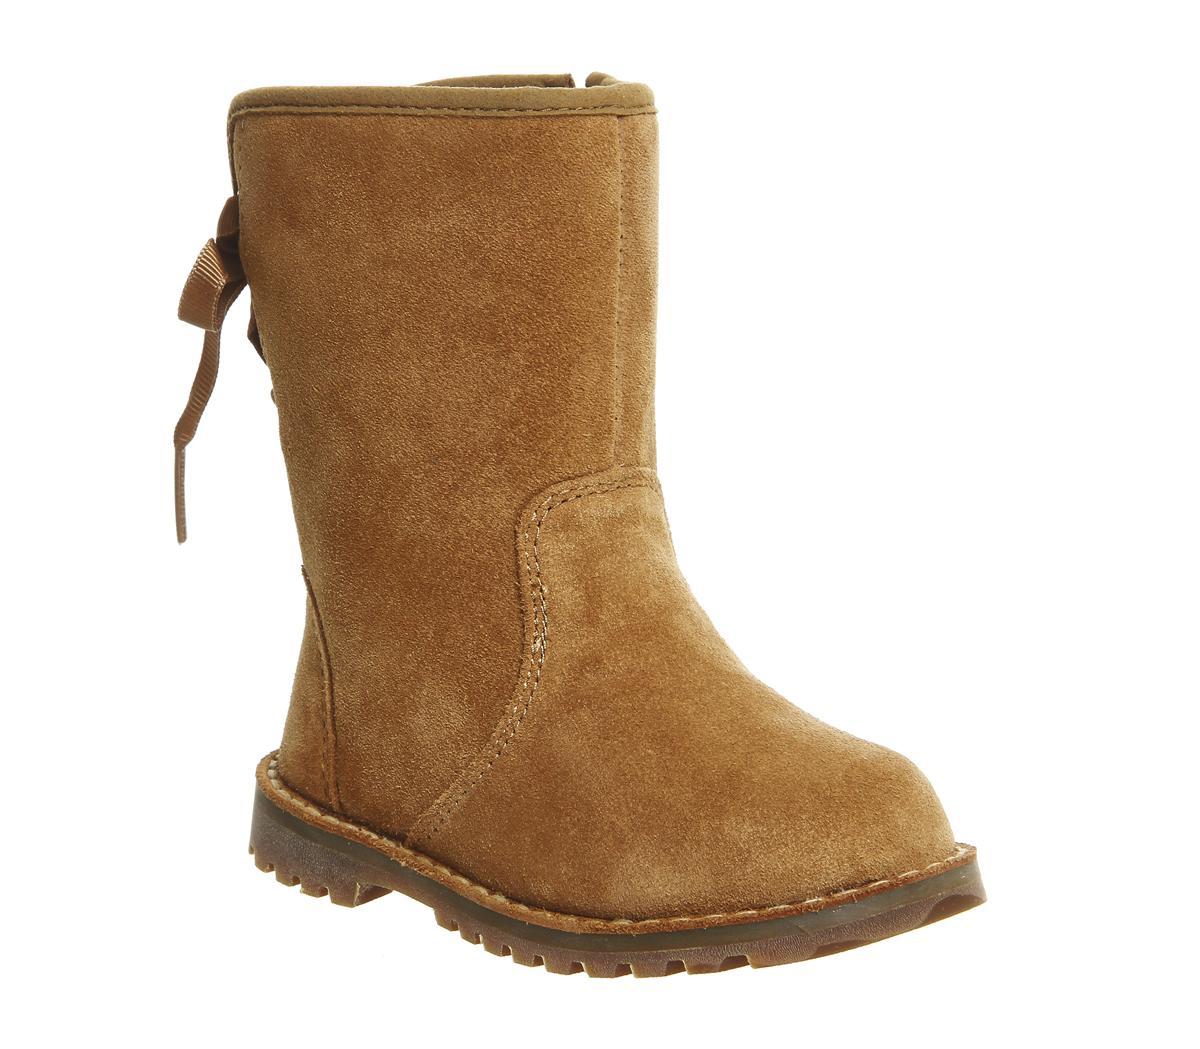 Corene Infant Boots